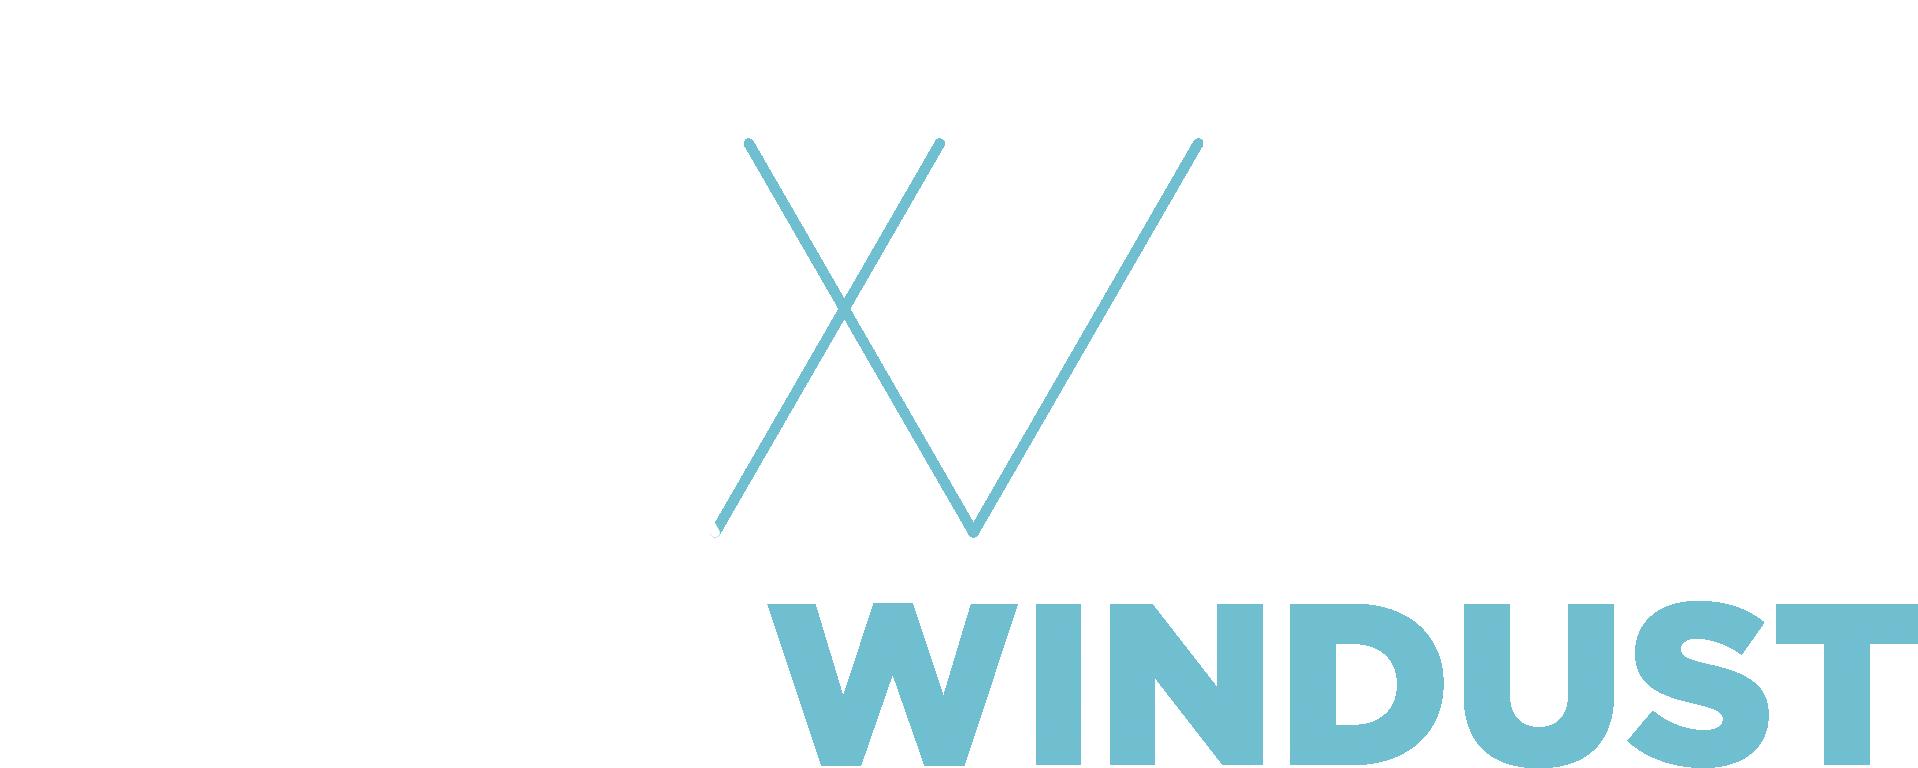 MW_rev_web_logo.png